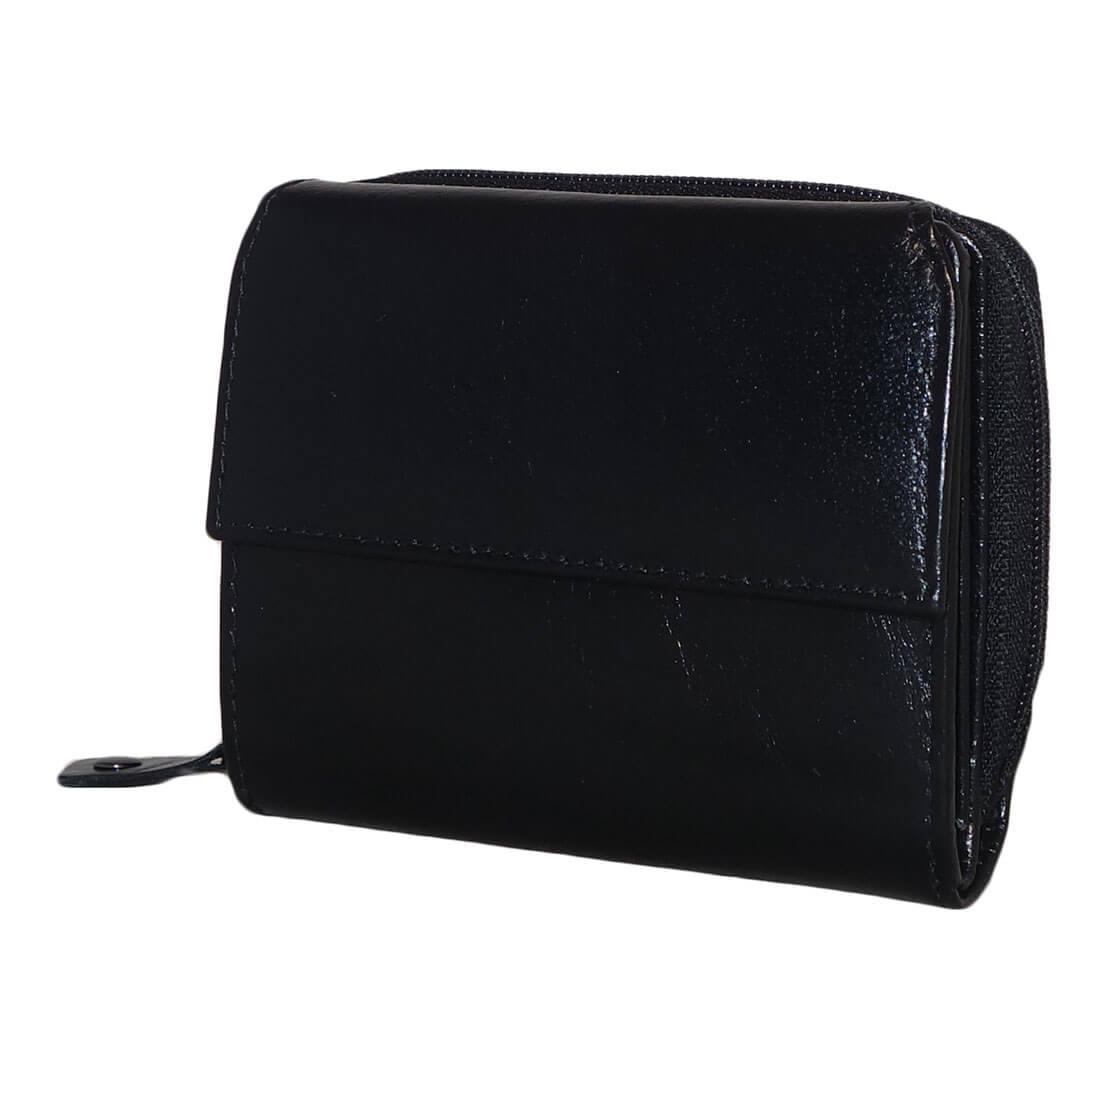 Czanne Zip Around Portemonnee met Overslag Zwart-0